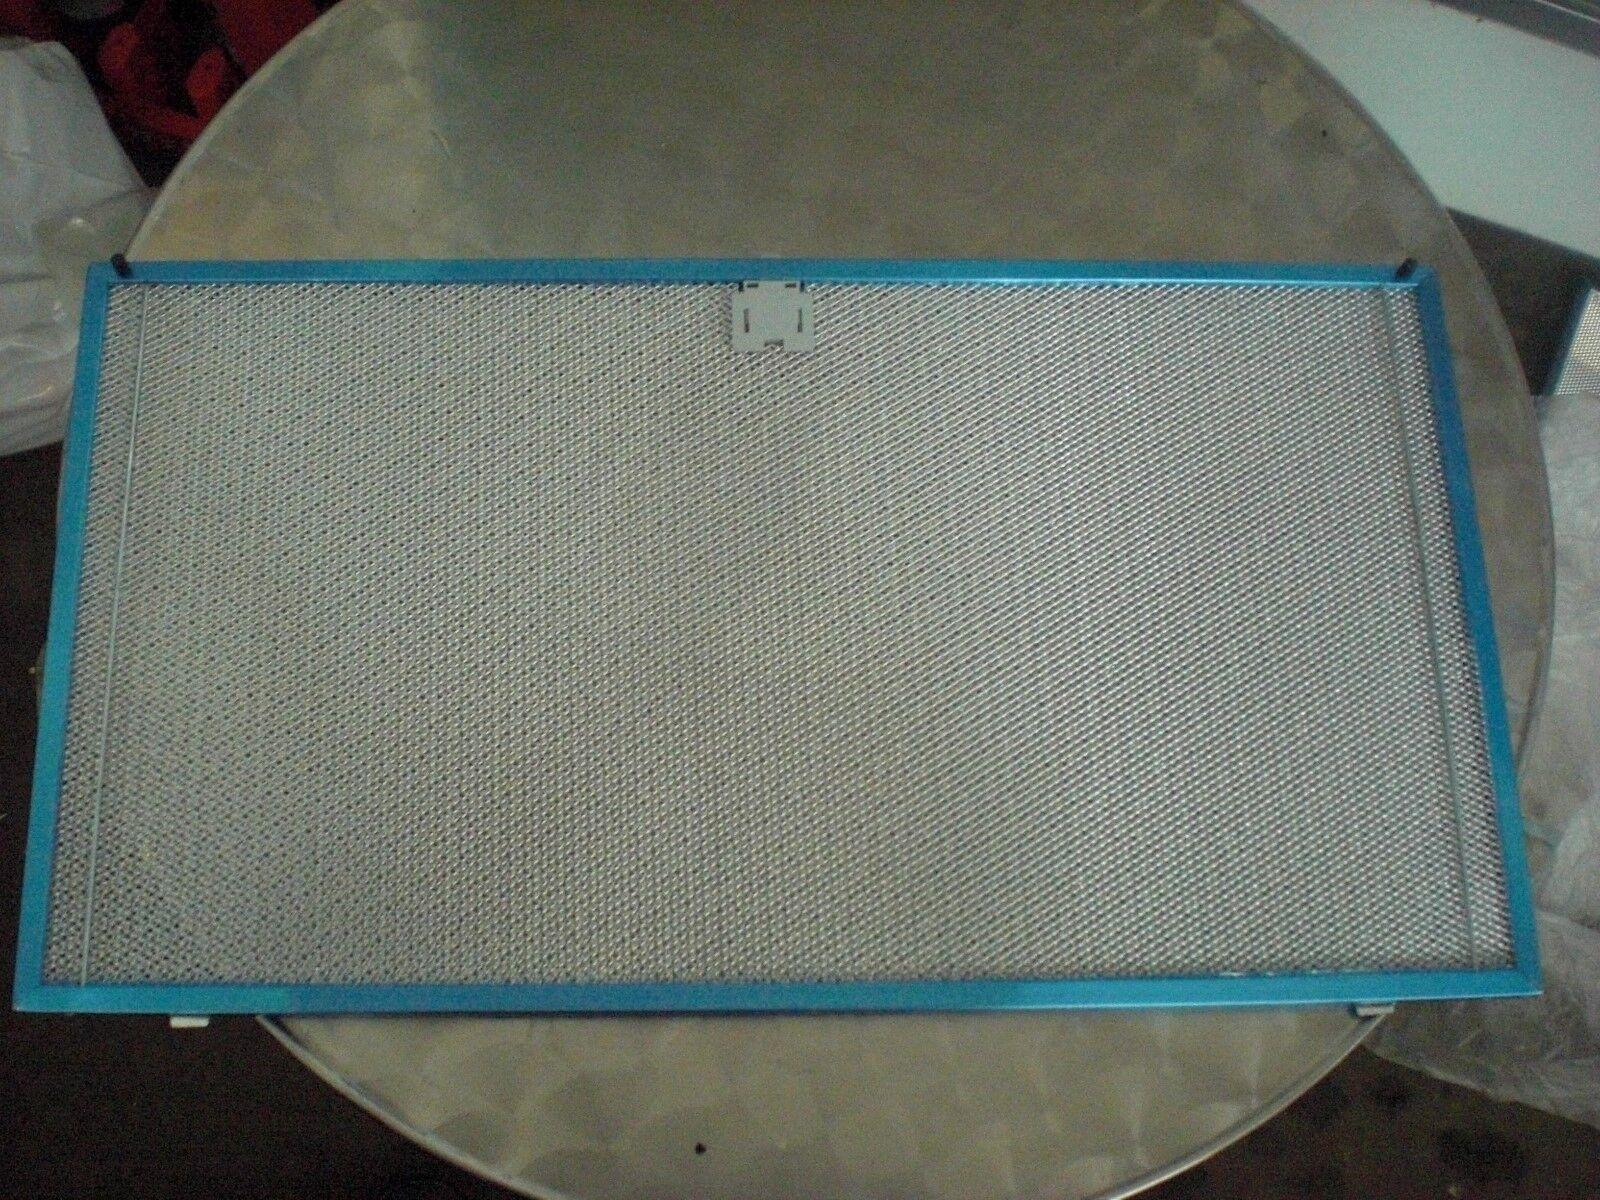 Best Metallo Grasso Filtro 556mmx 303mm per Messina 07b00267,07b00266,07b00269 b00268